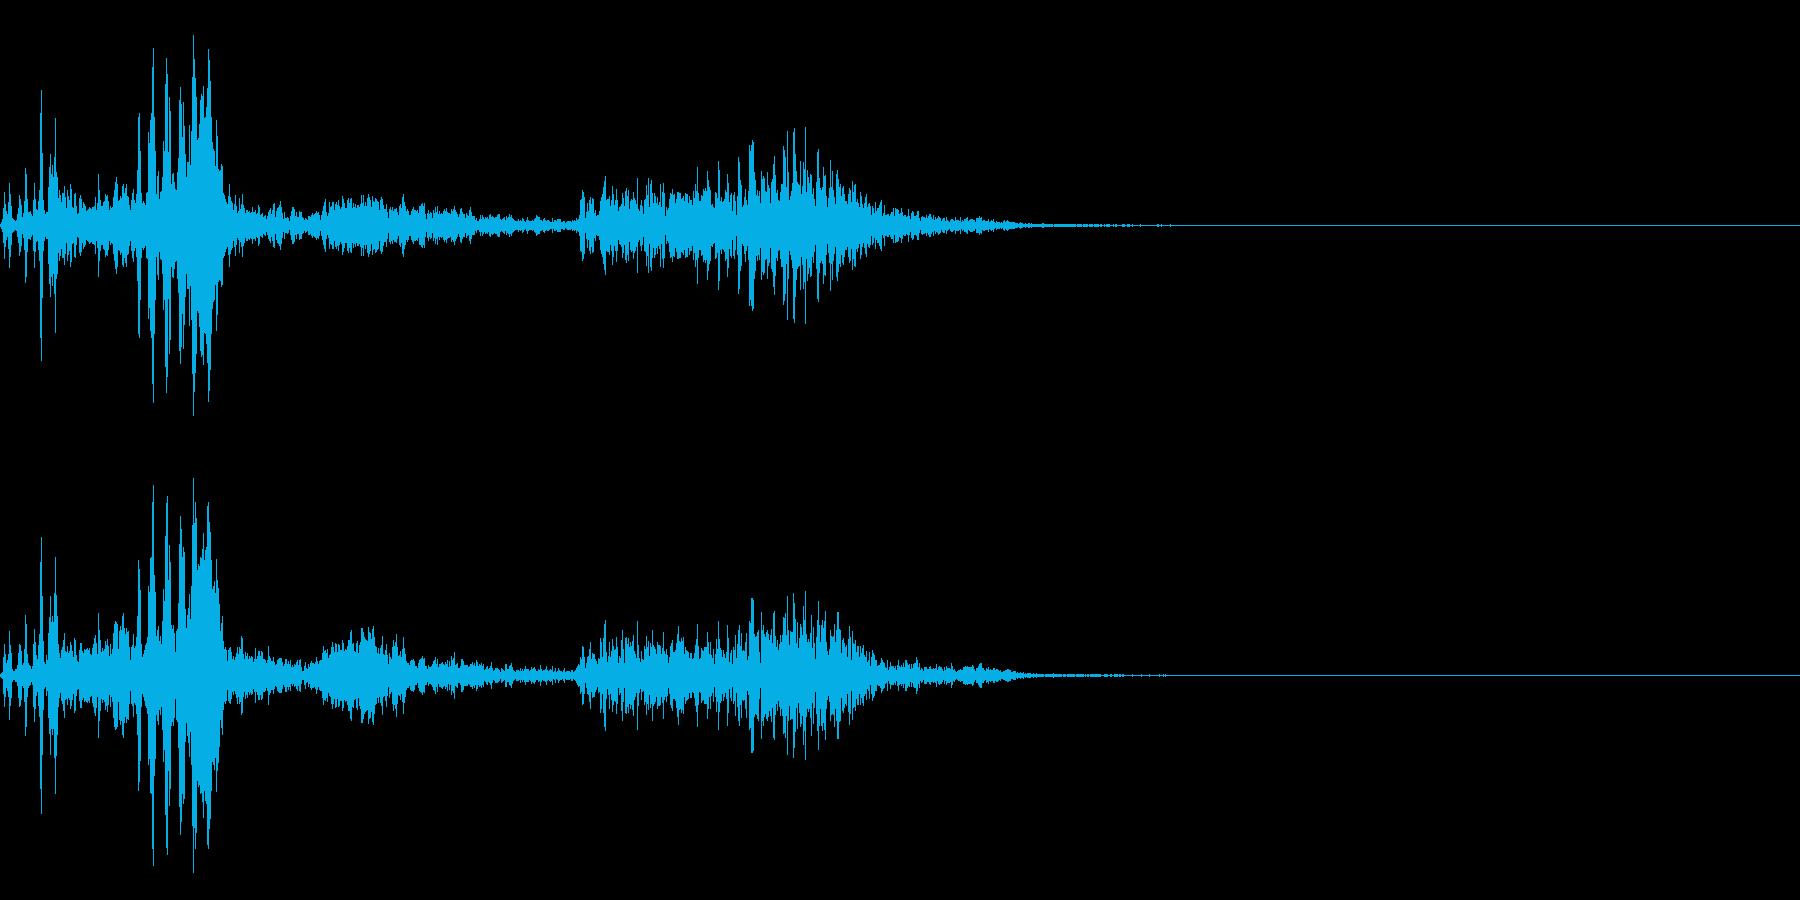 【生録音】フラミンゴの鳴き声 32の再生済みの波形